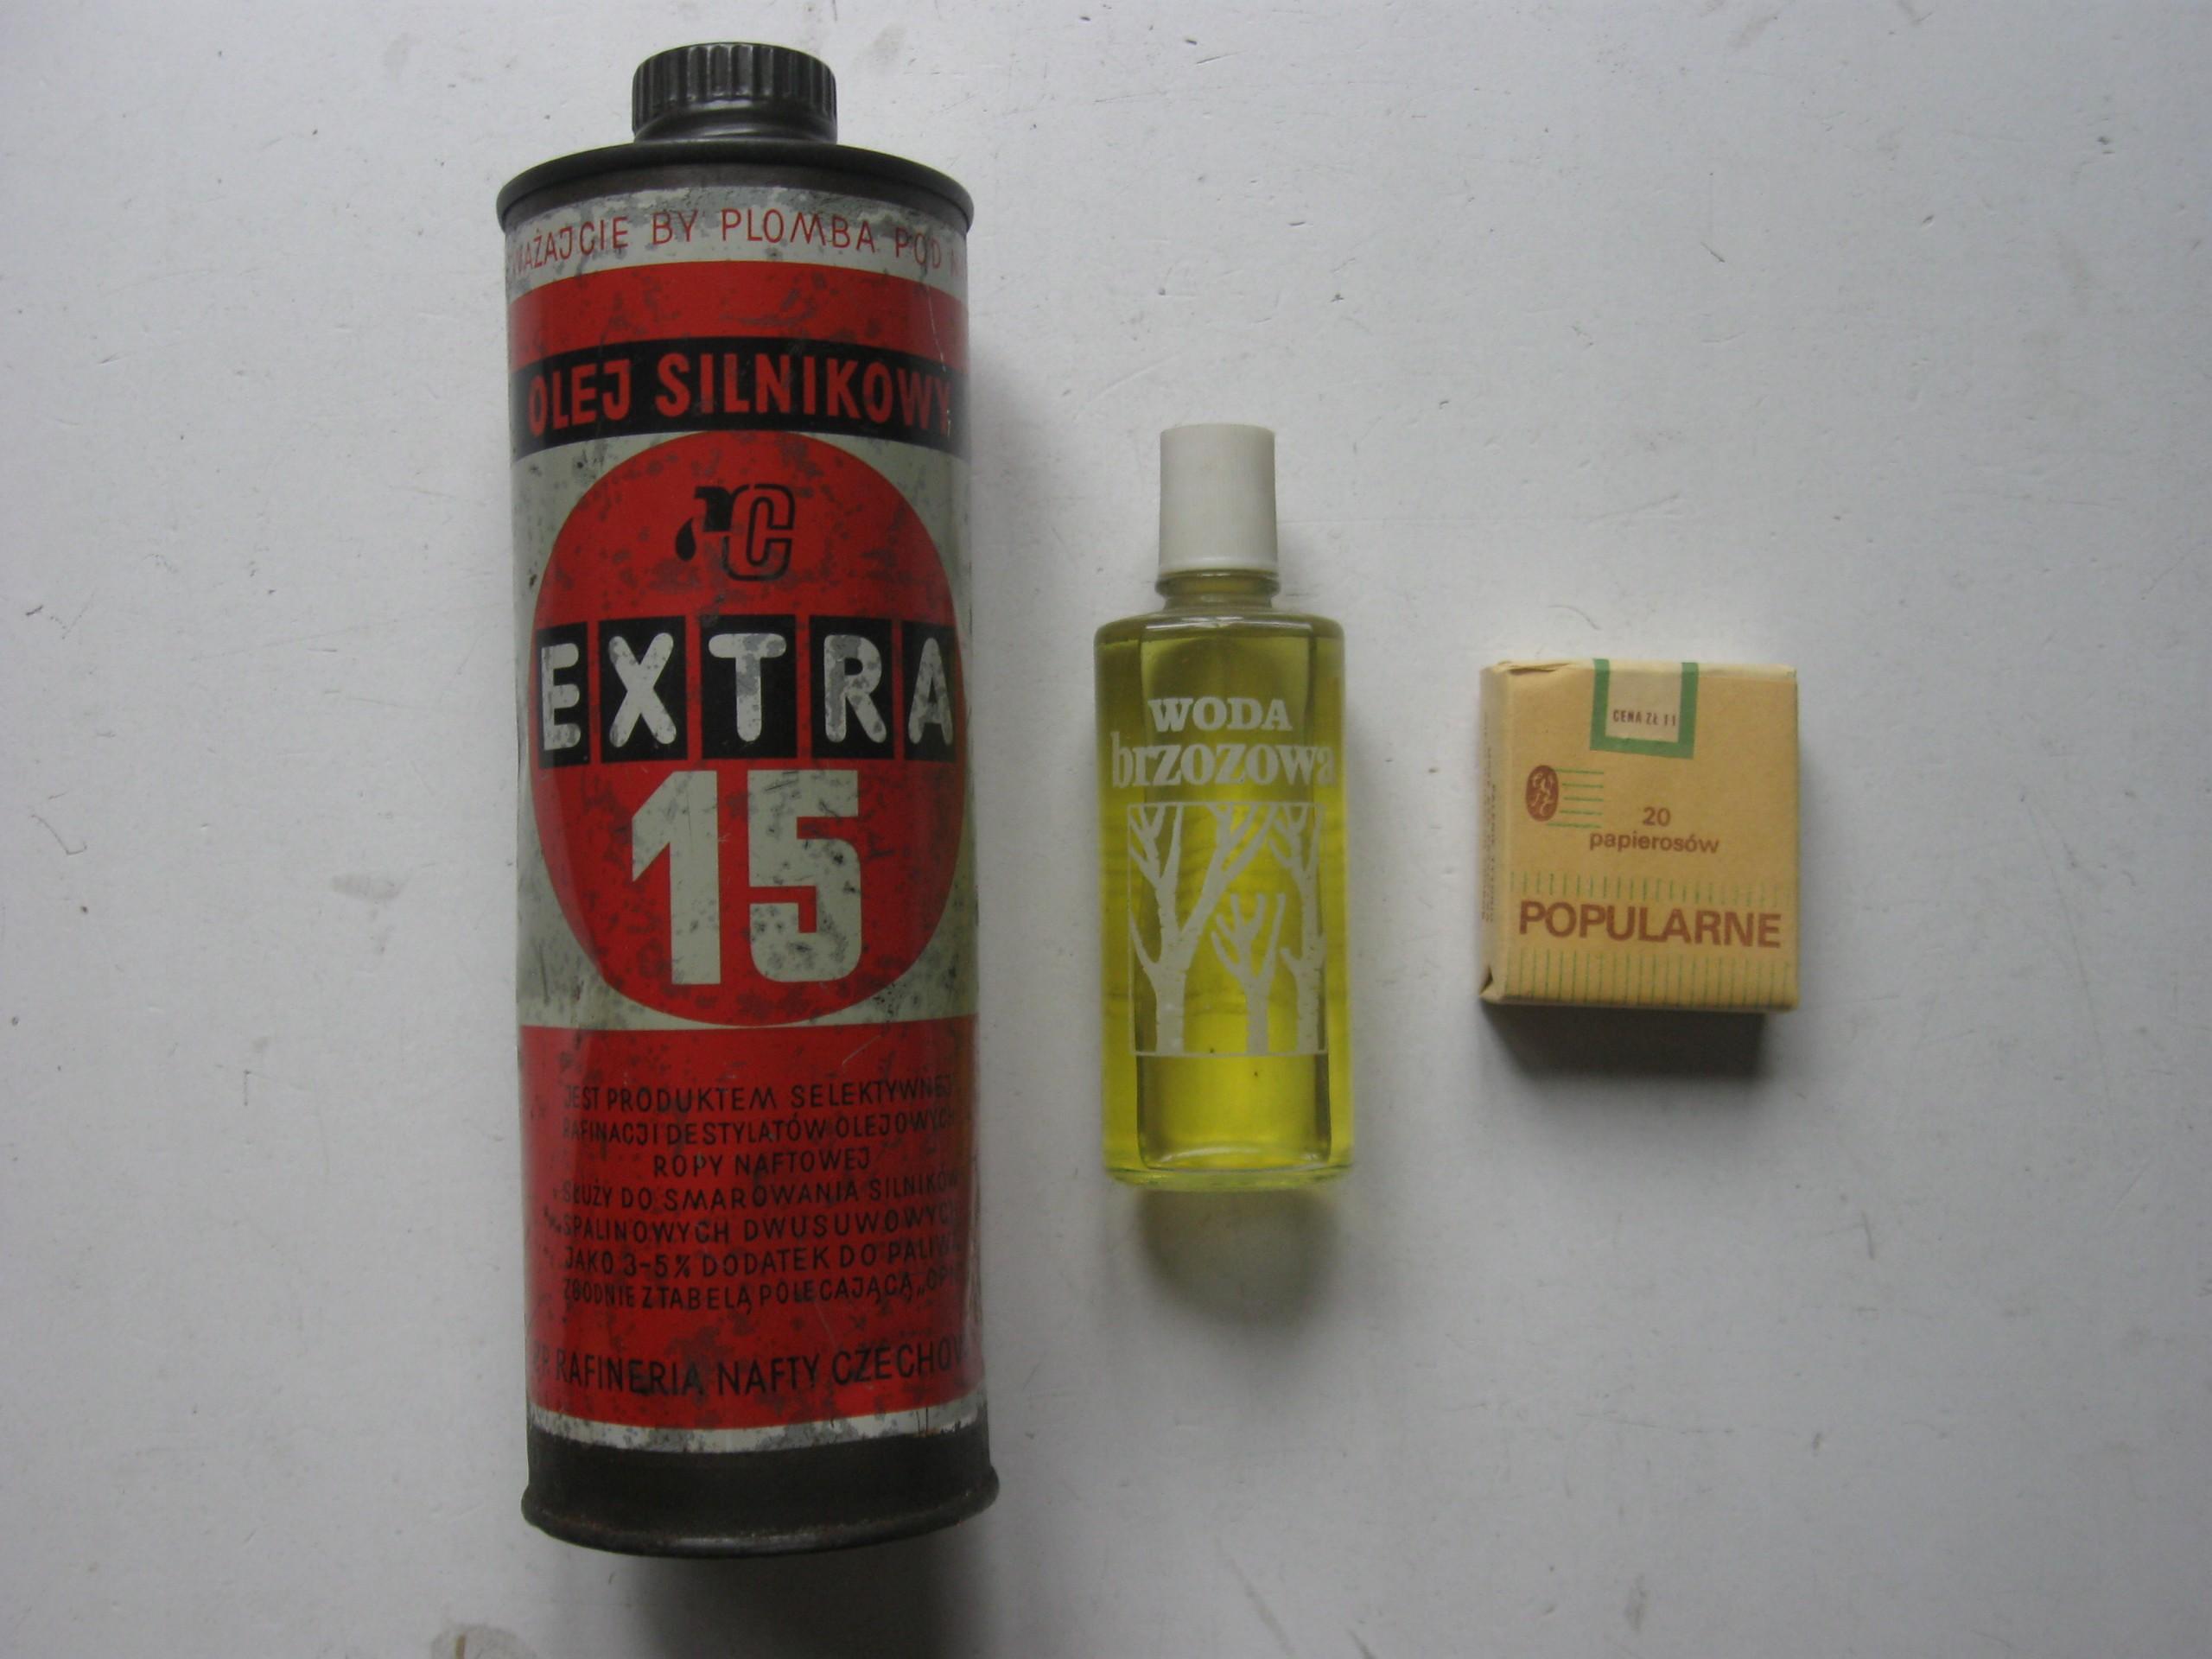 SYRENA TRABANT zestaw kierowcy olej EXTRA 15